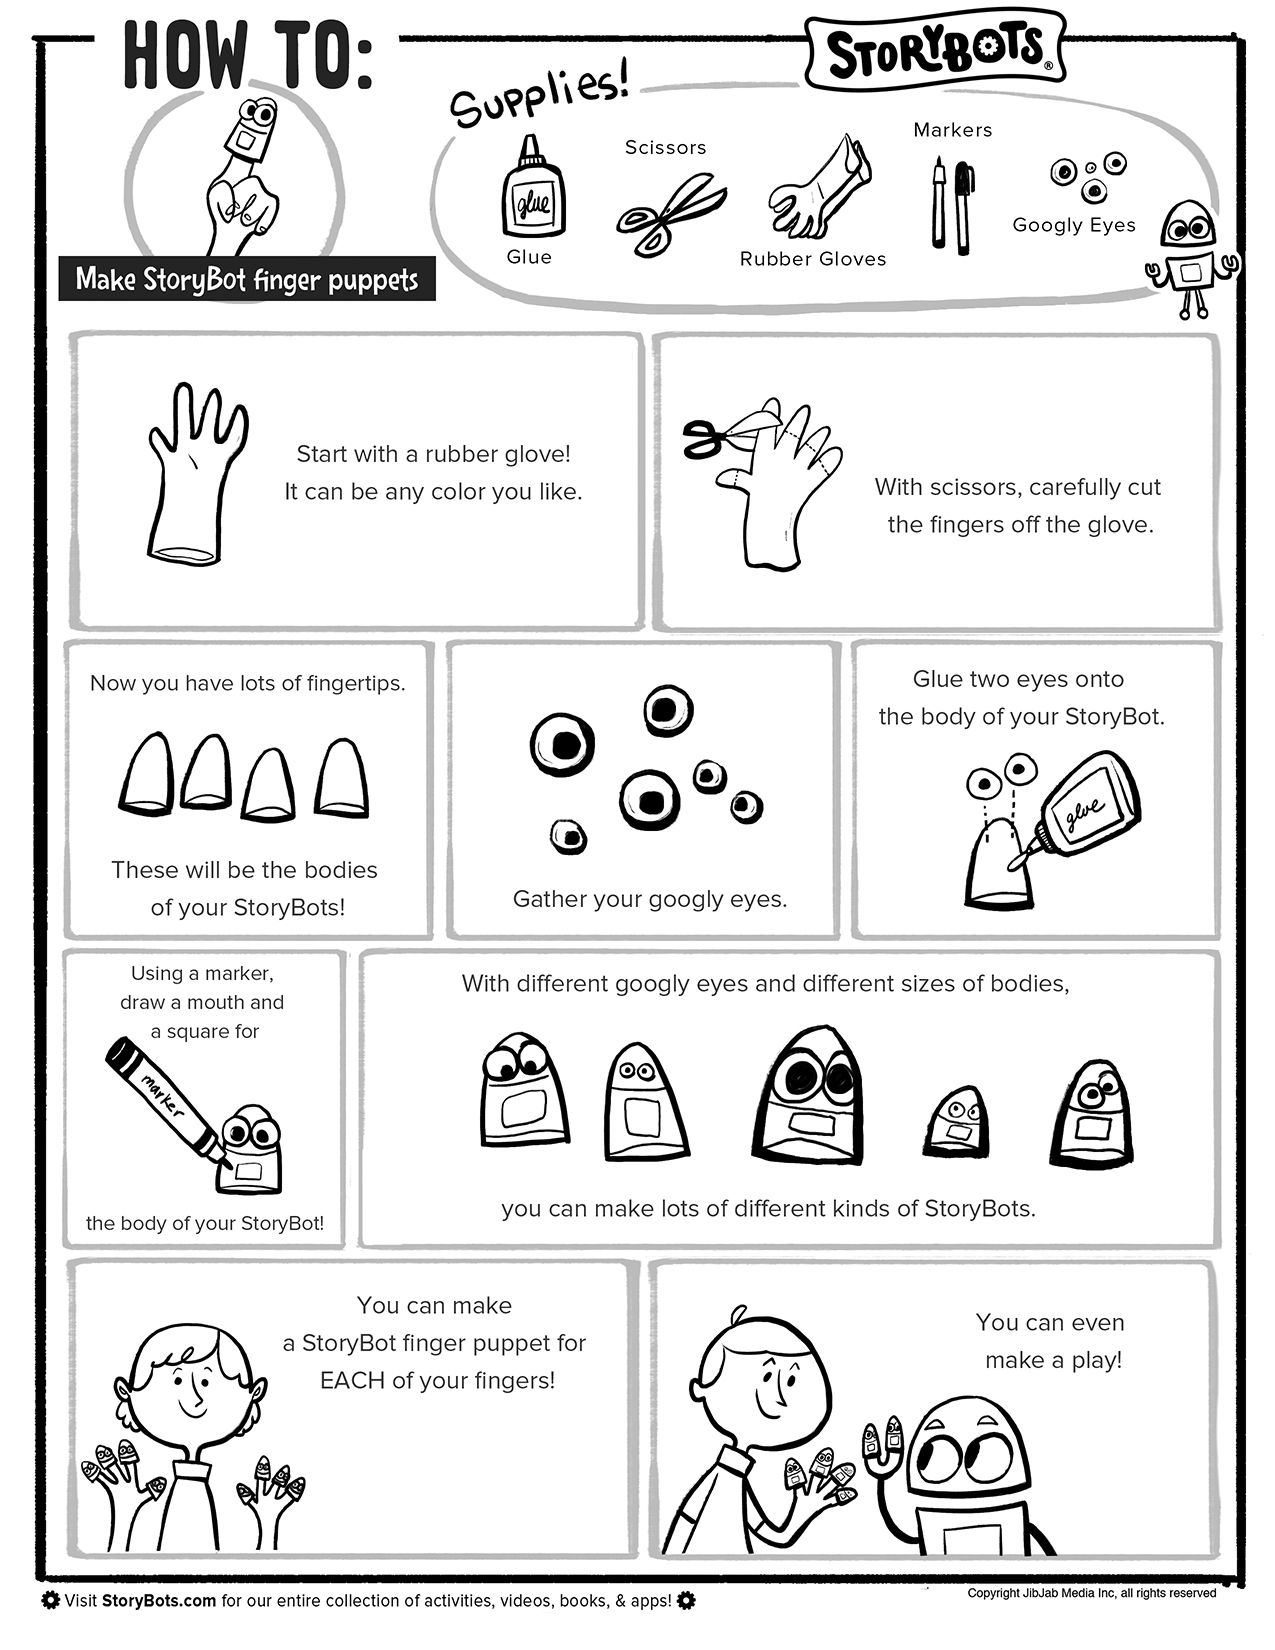 Make Storybots Finger Puppets